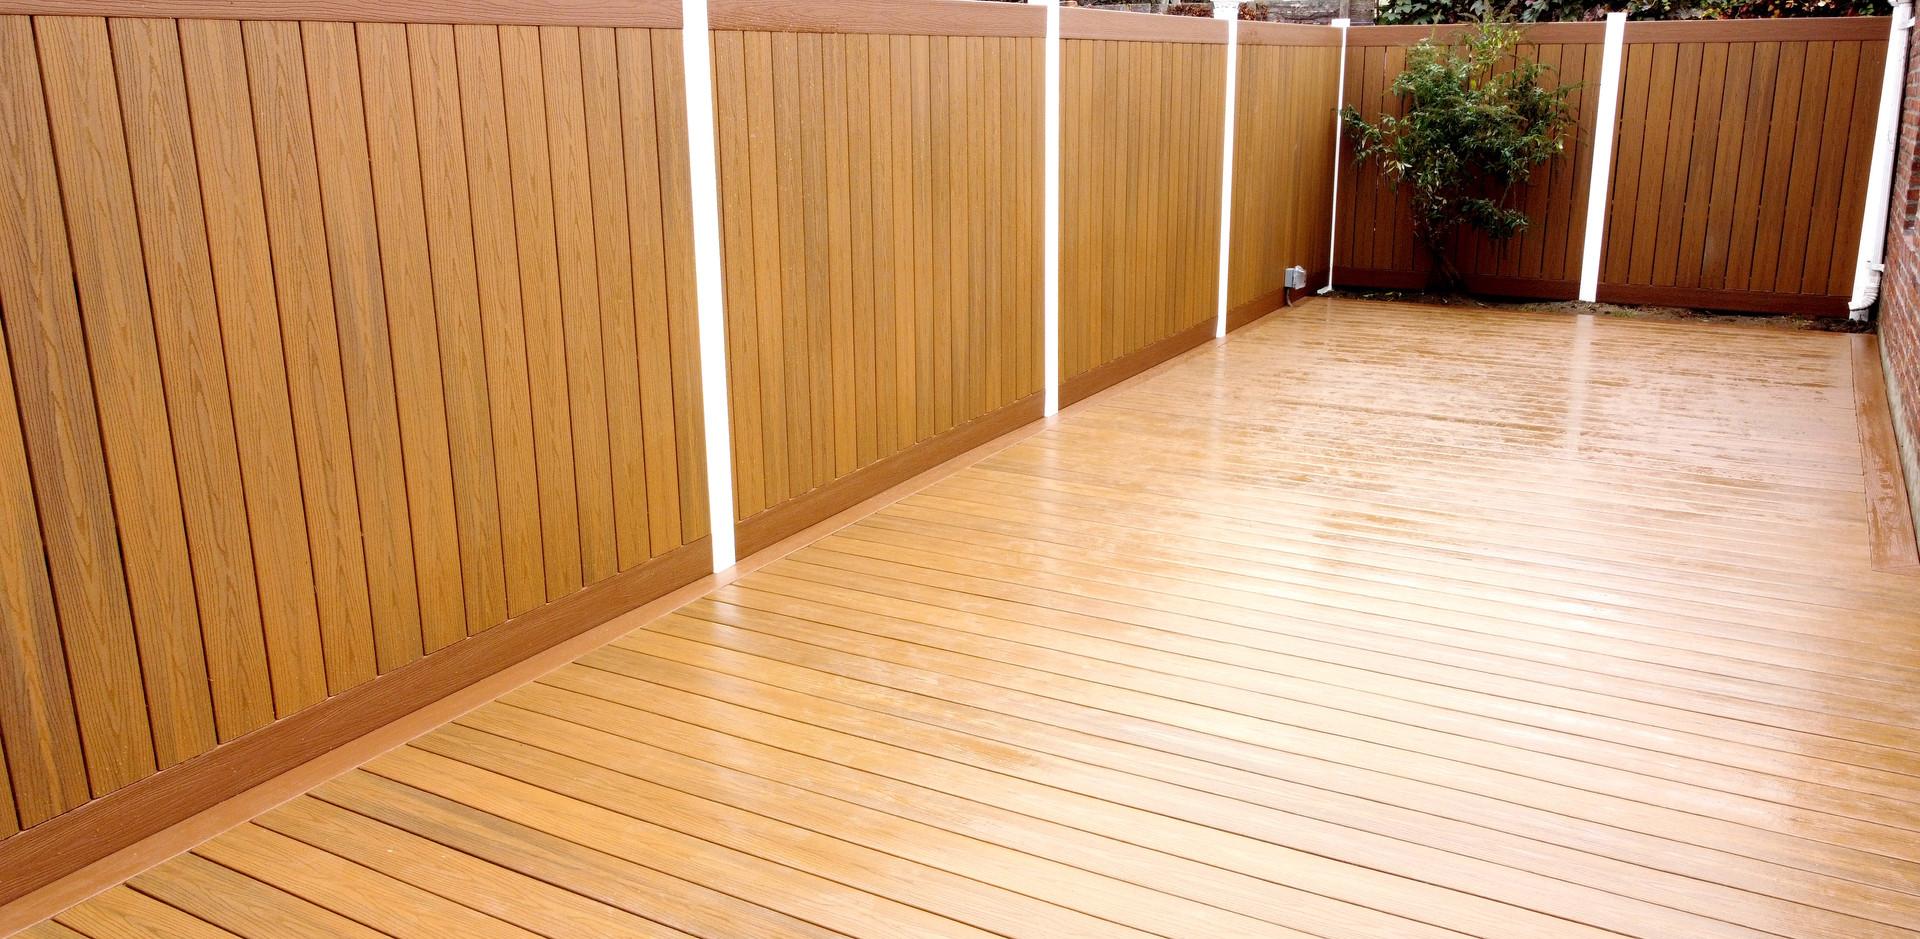 middle-village-floating-deck-fence.JPG